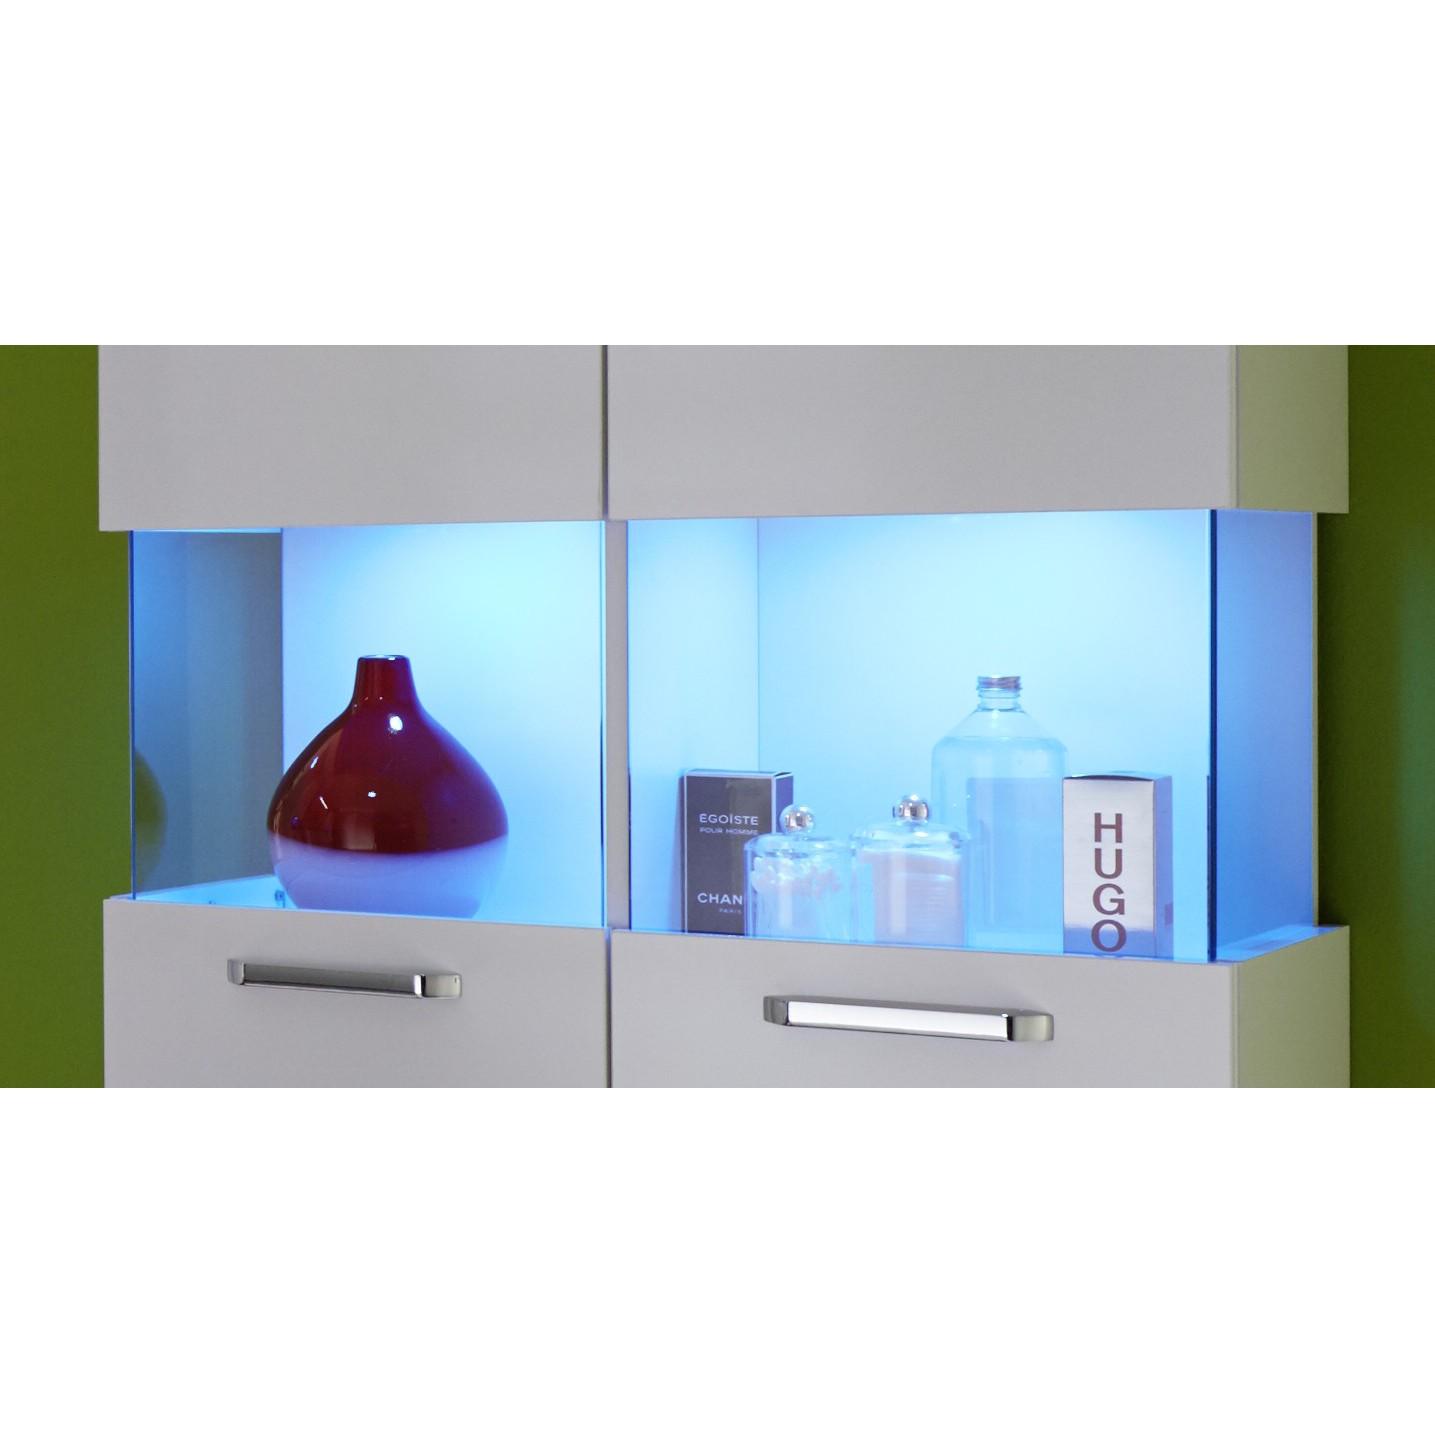 energie  A+, Inbouwspots Shine (LED) - 2-delige set wisselend licht - inclusief transformator en snoer - Set van 1, Trendteam